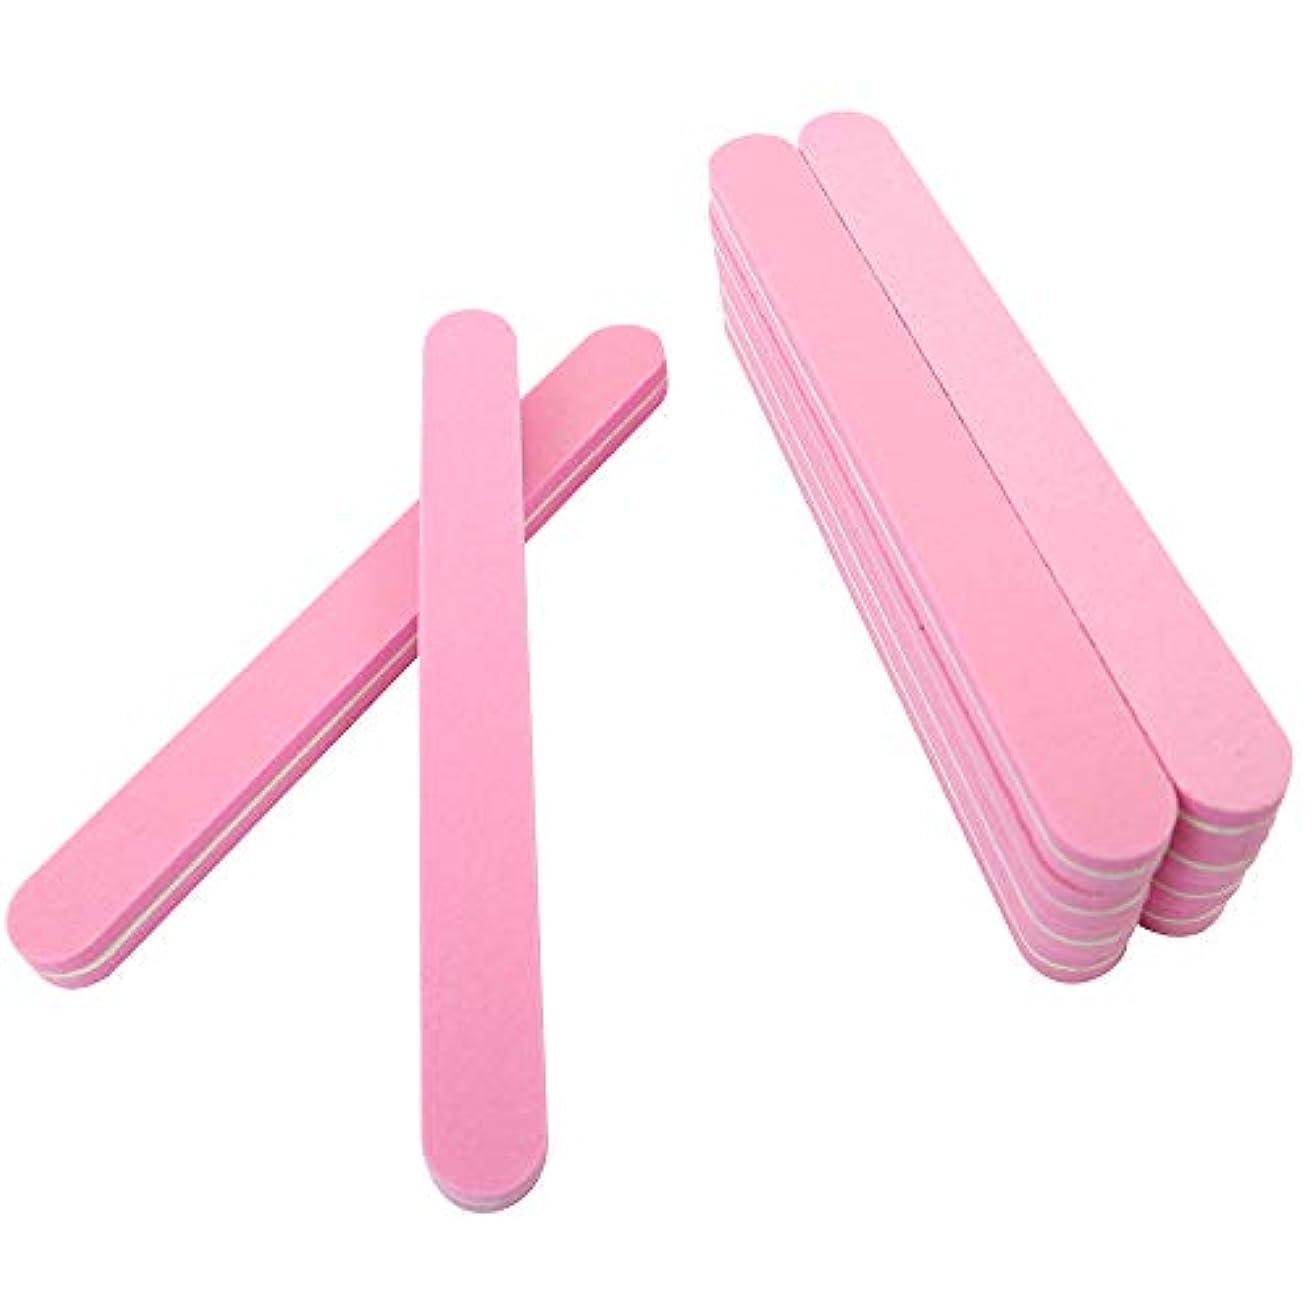 ロッジトリムご注意SIEG つめピカ 爪やすり 爪先美人をめざす2ステップ磨きのネイルシャイナー 10本セット